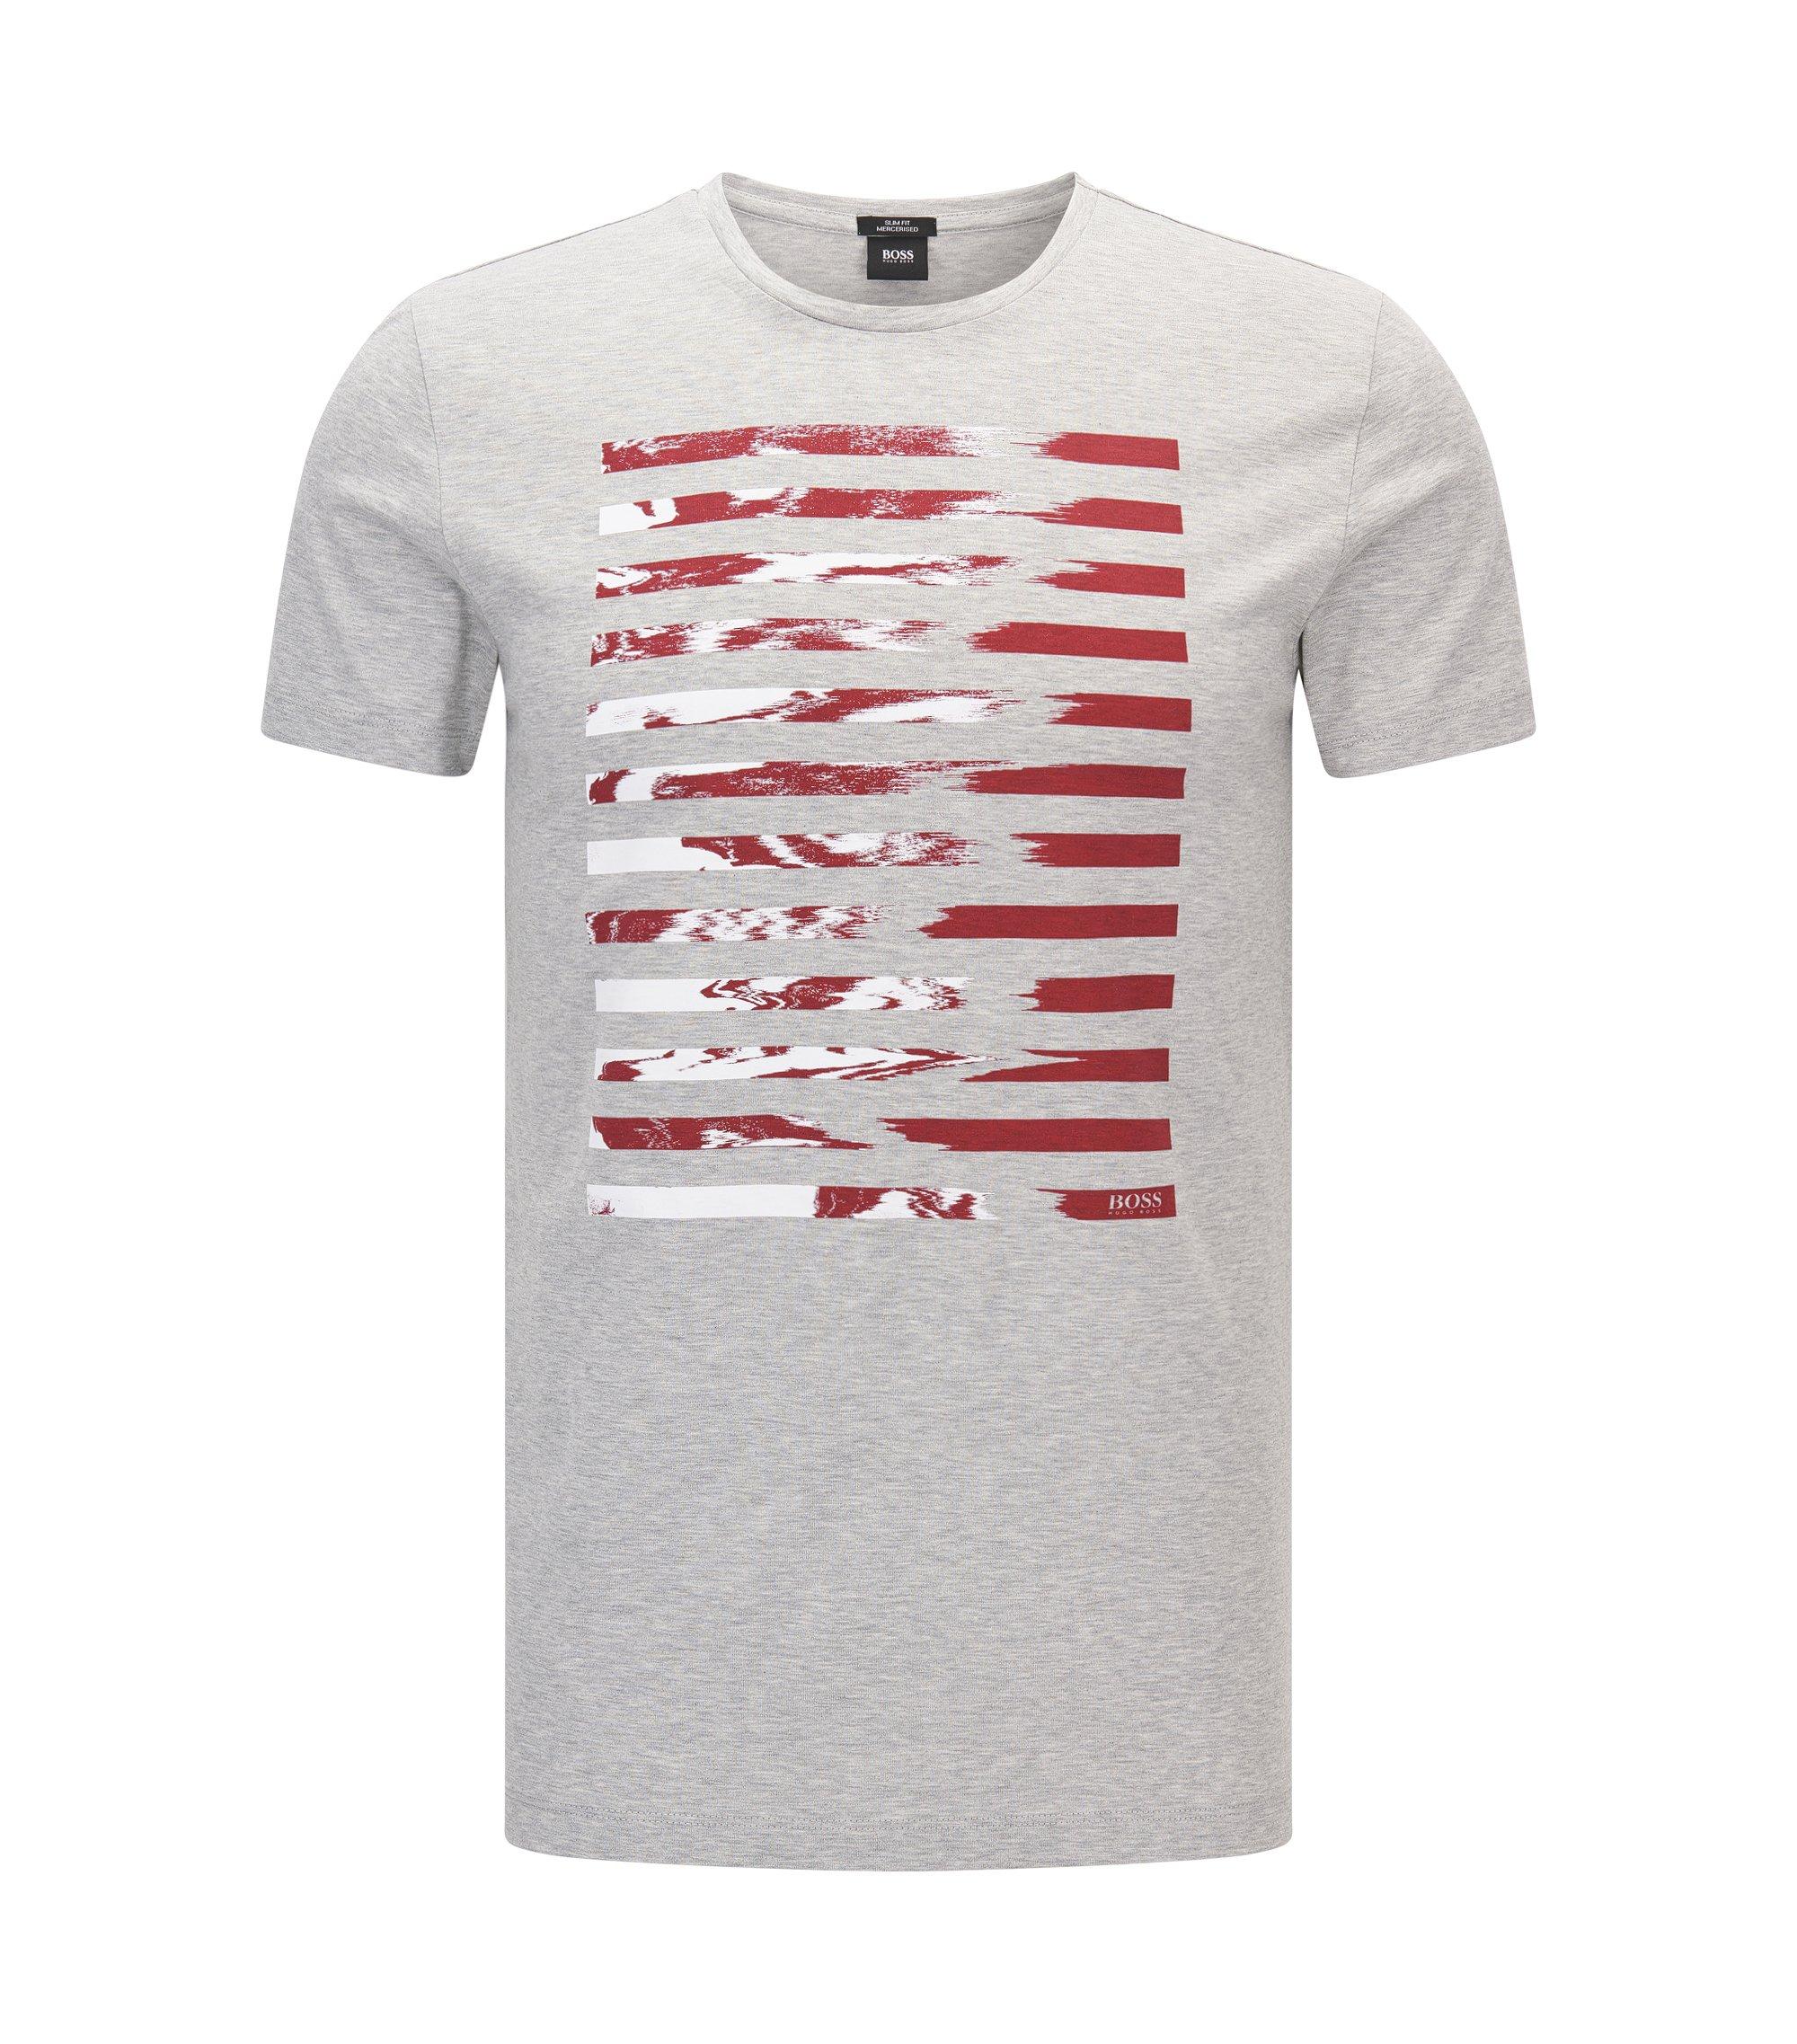 T-shirt Slim Fit en coton mercerisé à imprimé graphique, Gris chiné